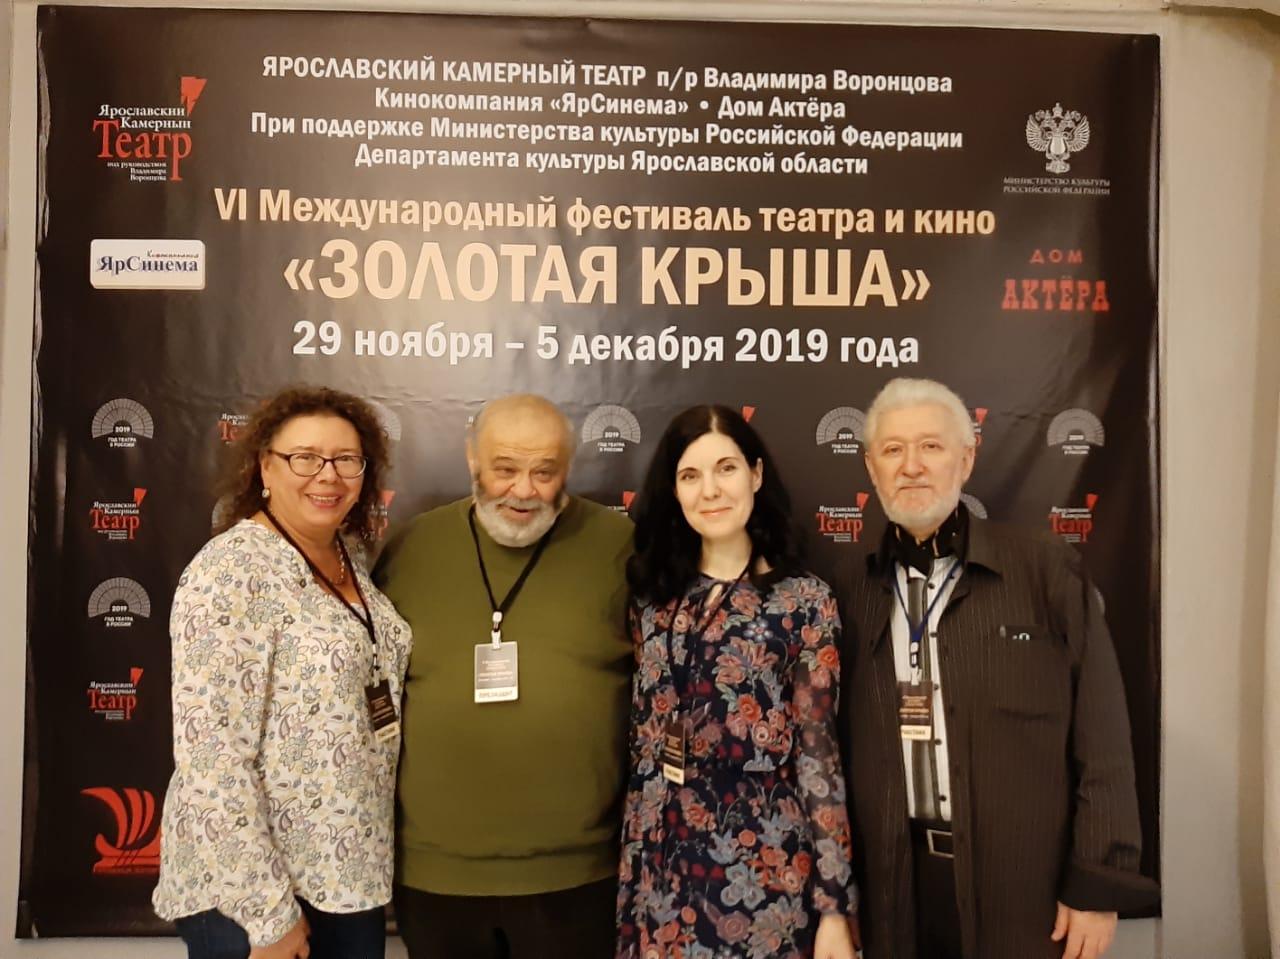 В Ярославле проходит VI международный фестиваль театра и кино «Золотая крыша»